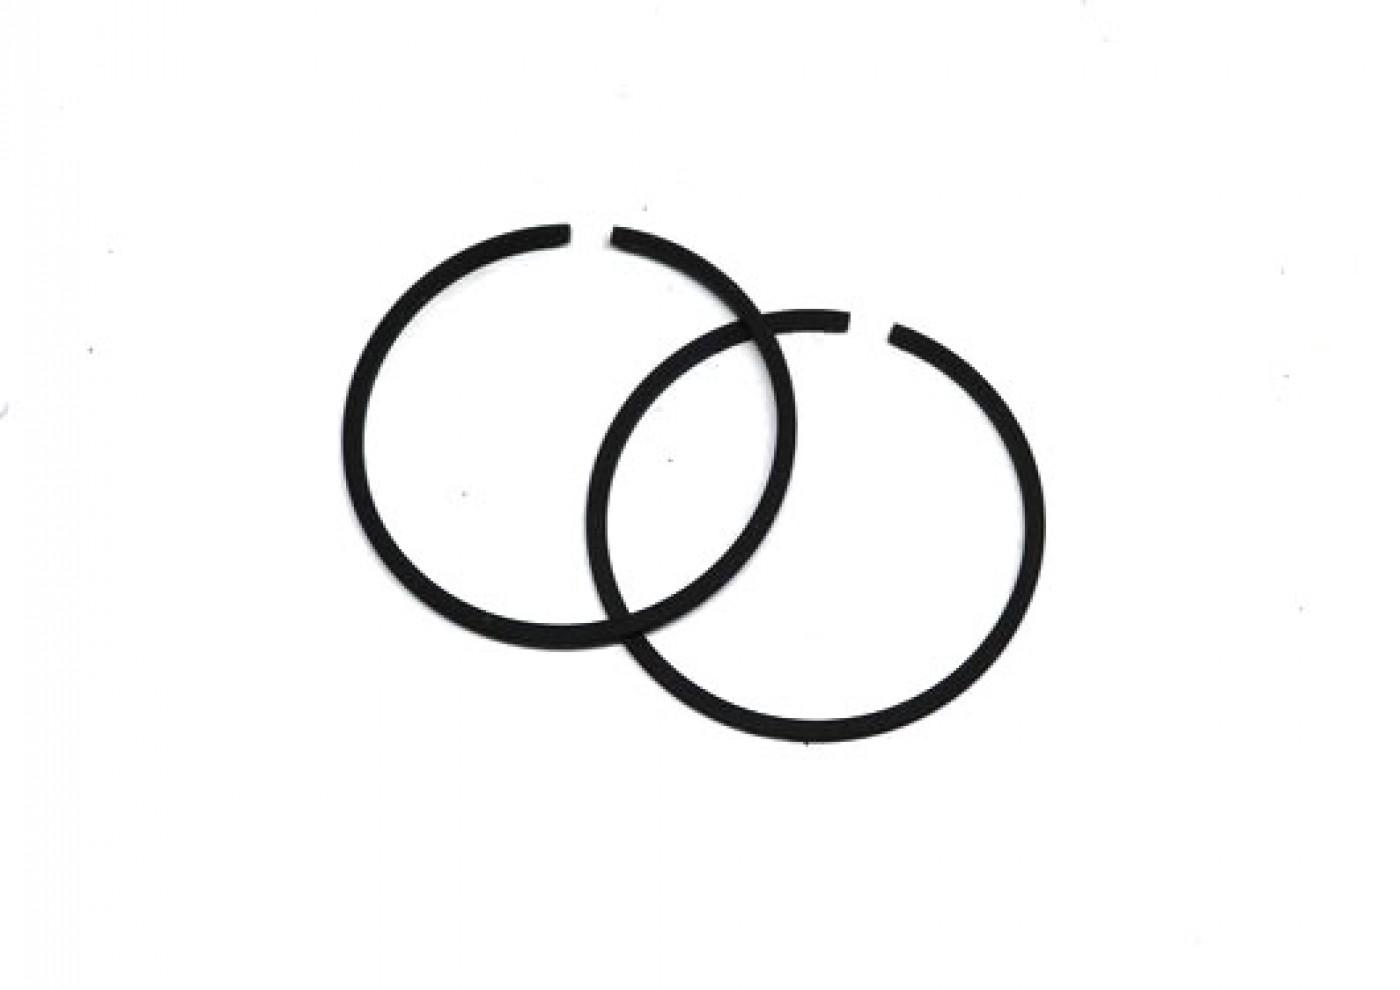 Sada pístních kroužků 60 mm x 1,2 mm